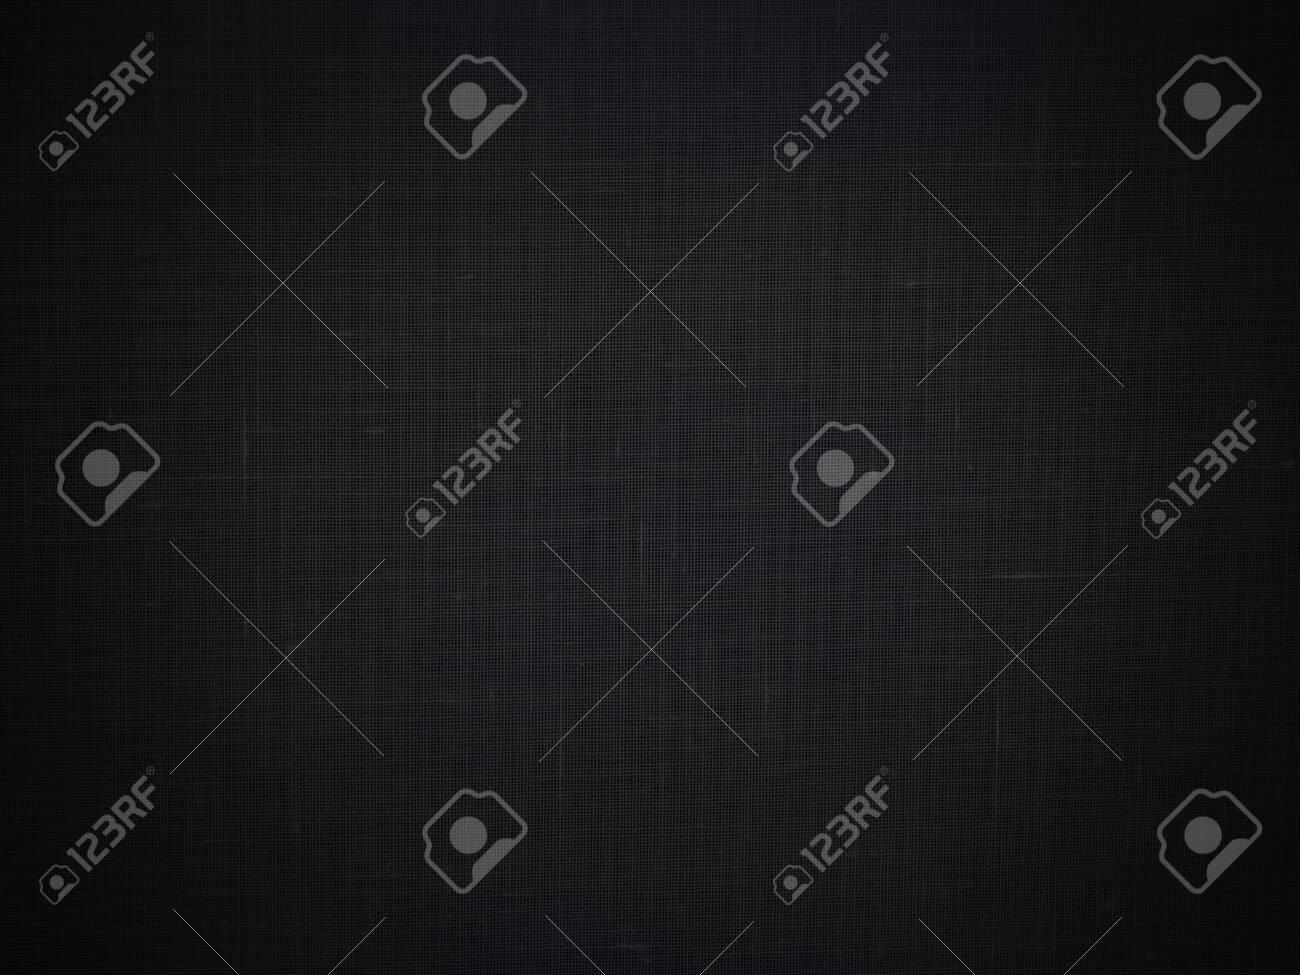 textile textureed backdrop - 140329907